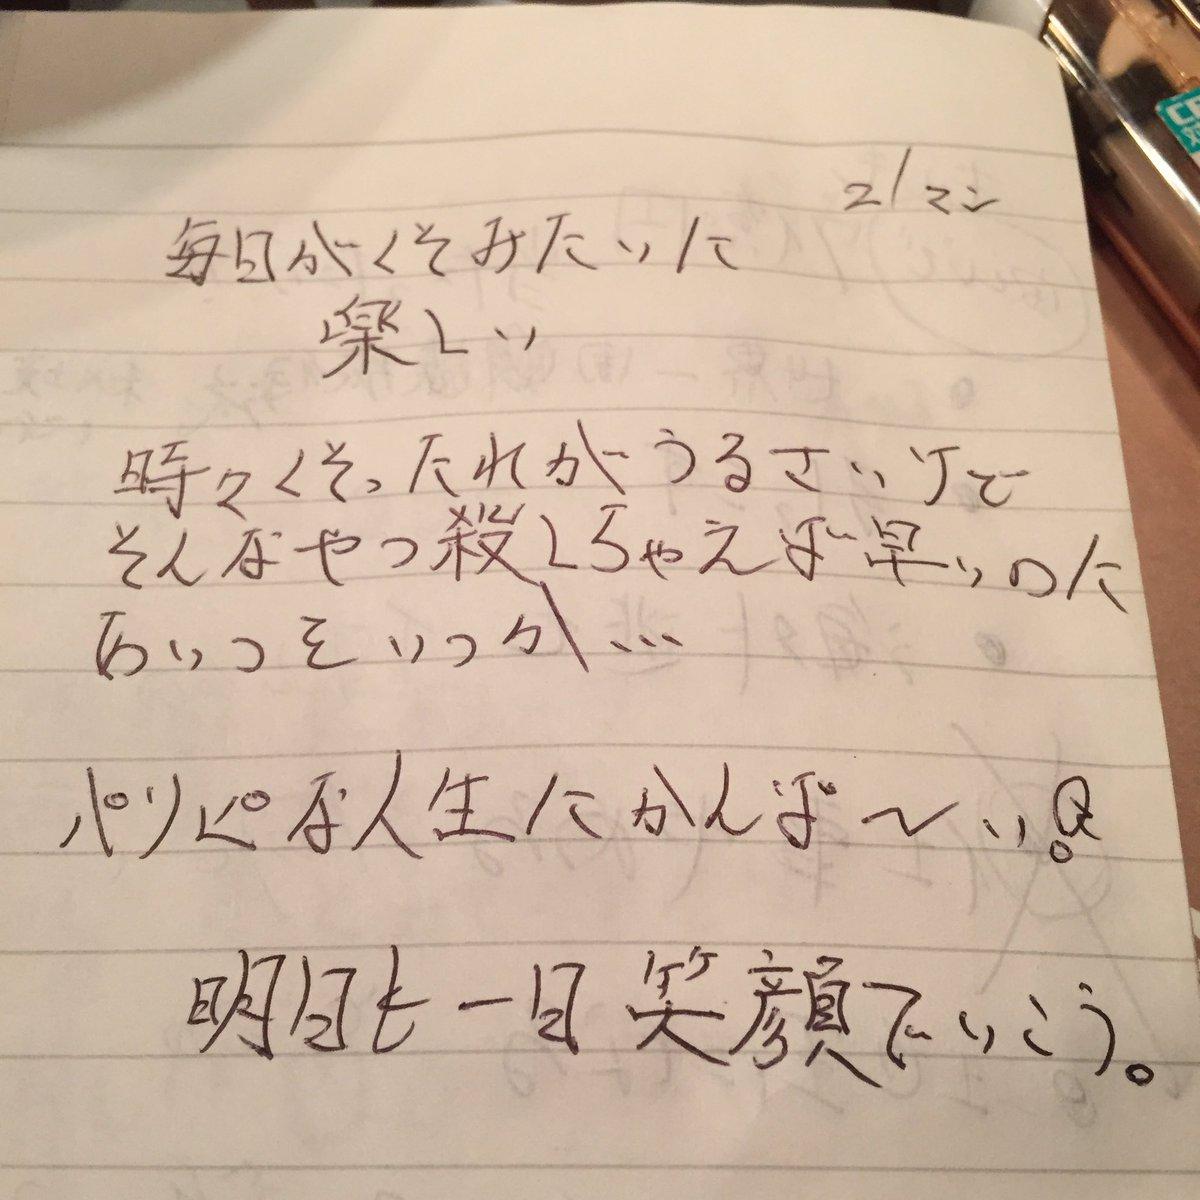 居酒屋のなんでもノートに刻まれた悲喜交々 https://t.co/sBkZYJvG73